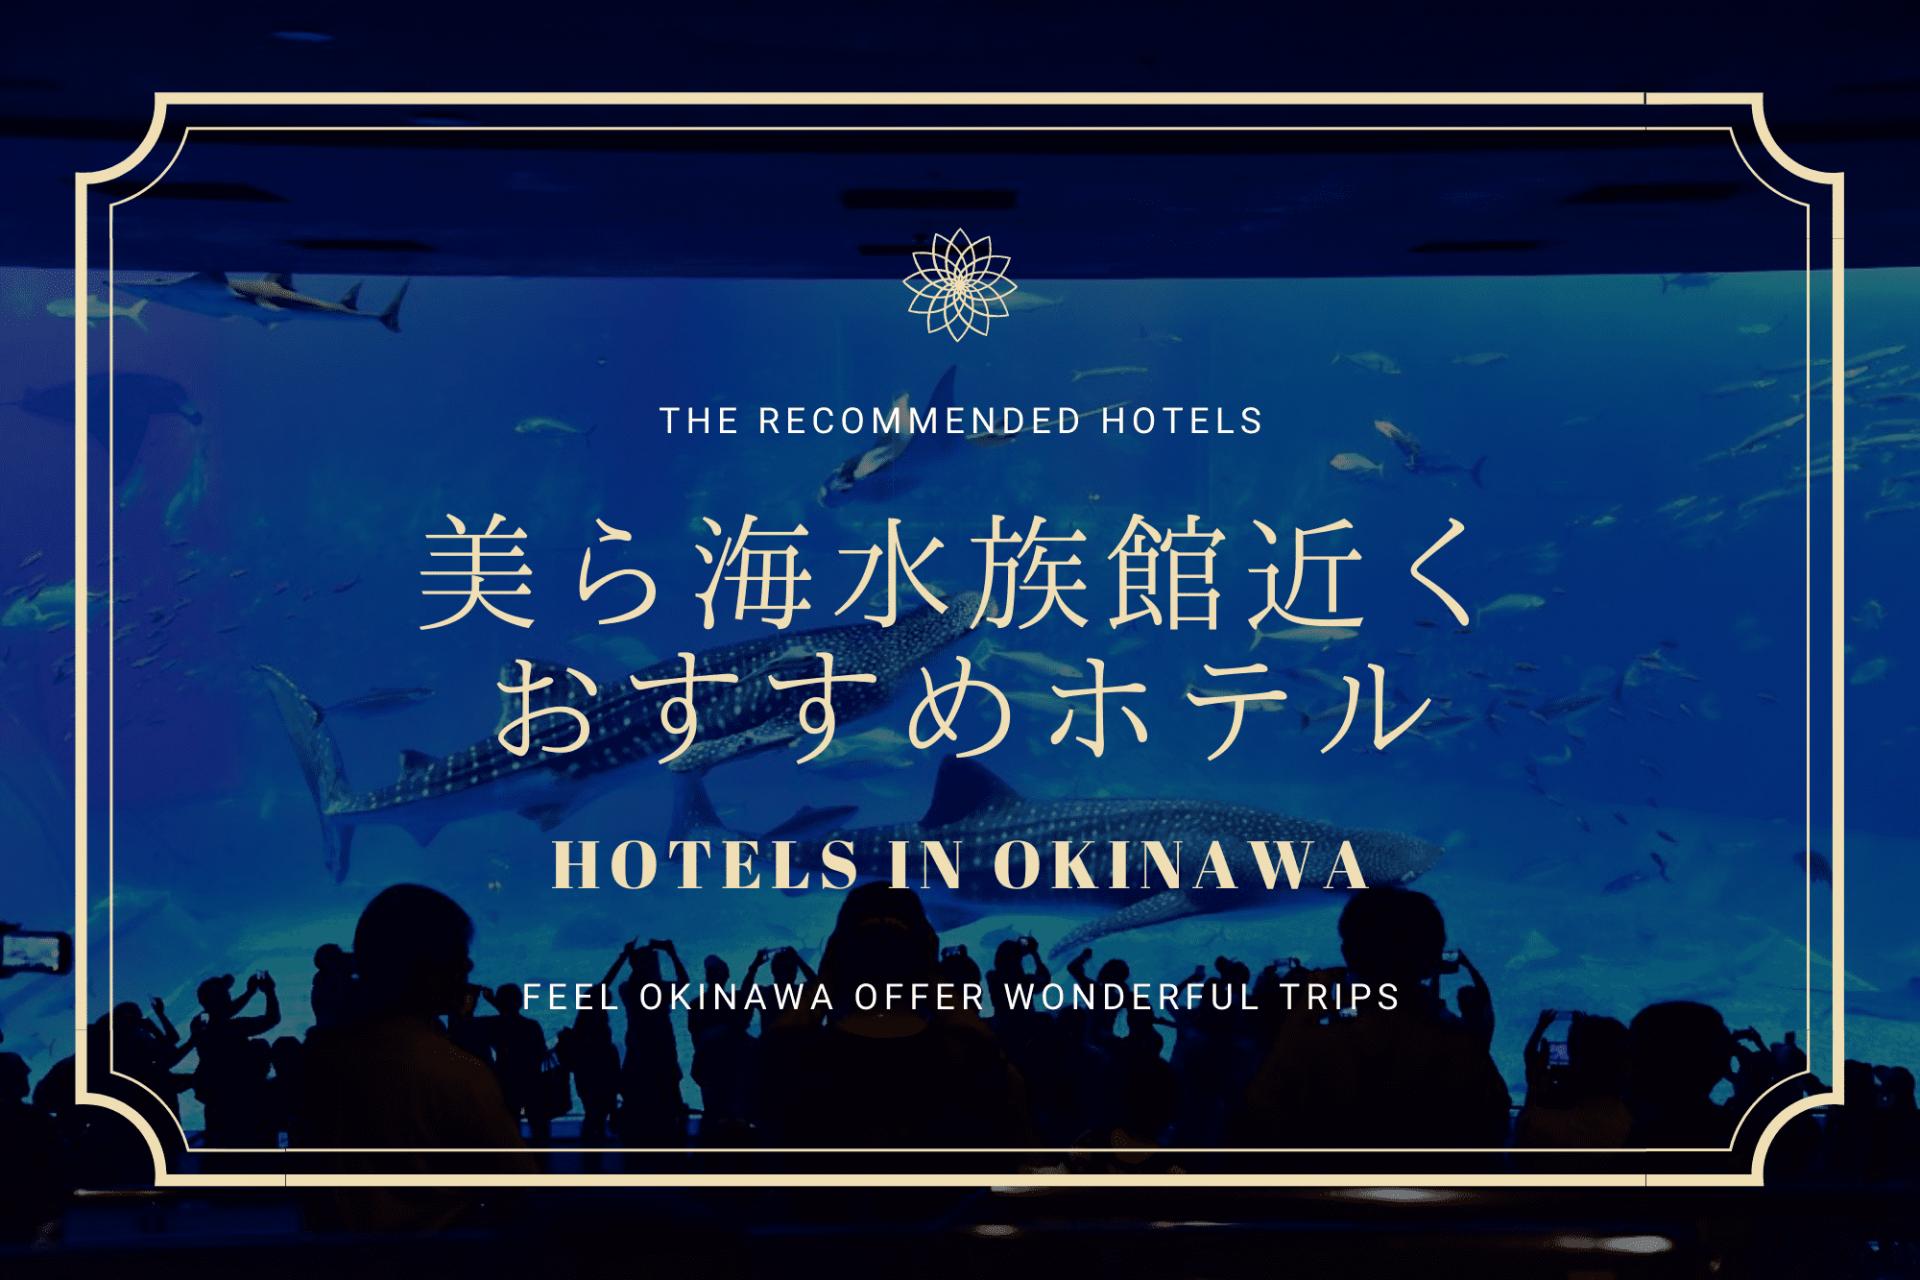 本部町 沖縄 美ら海水族館 近く ホテル おすすめ 旅行 観光